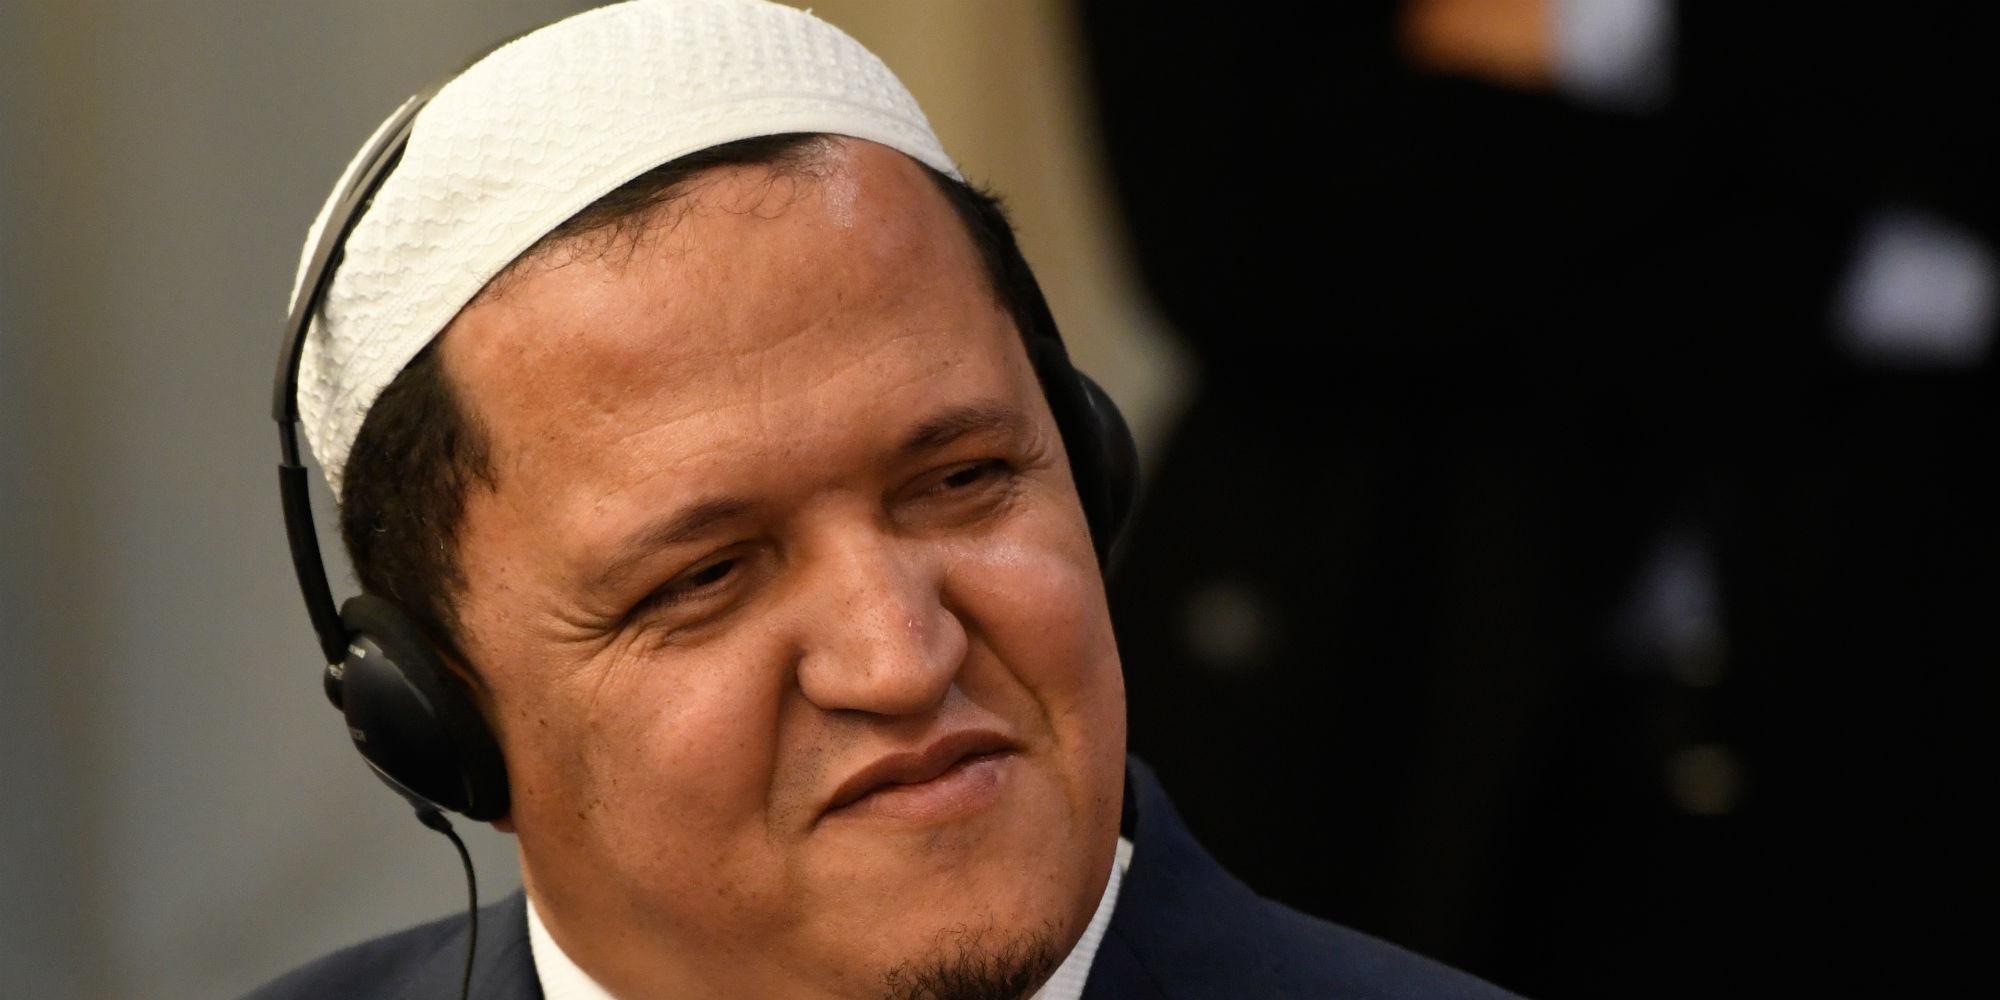 """Lutte contre la radicalisation : """"Il faut de la fermeté"""", estime l'imam Hassen Chalghoumi"""